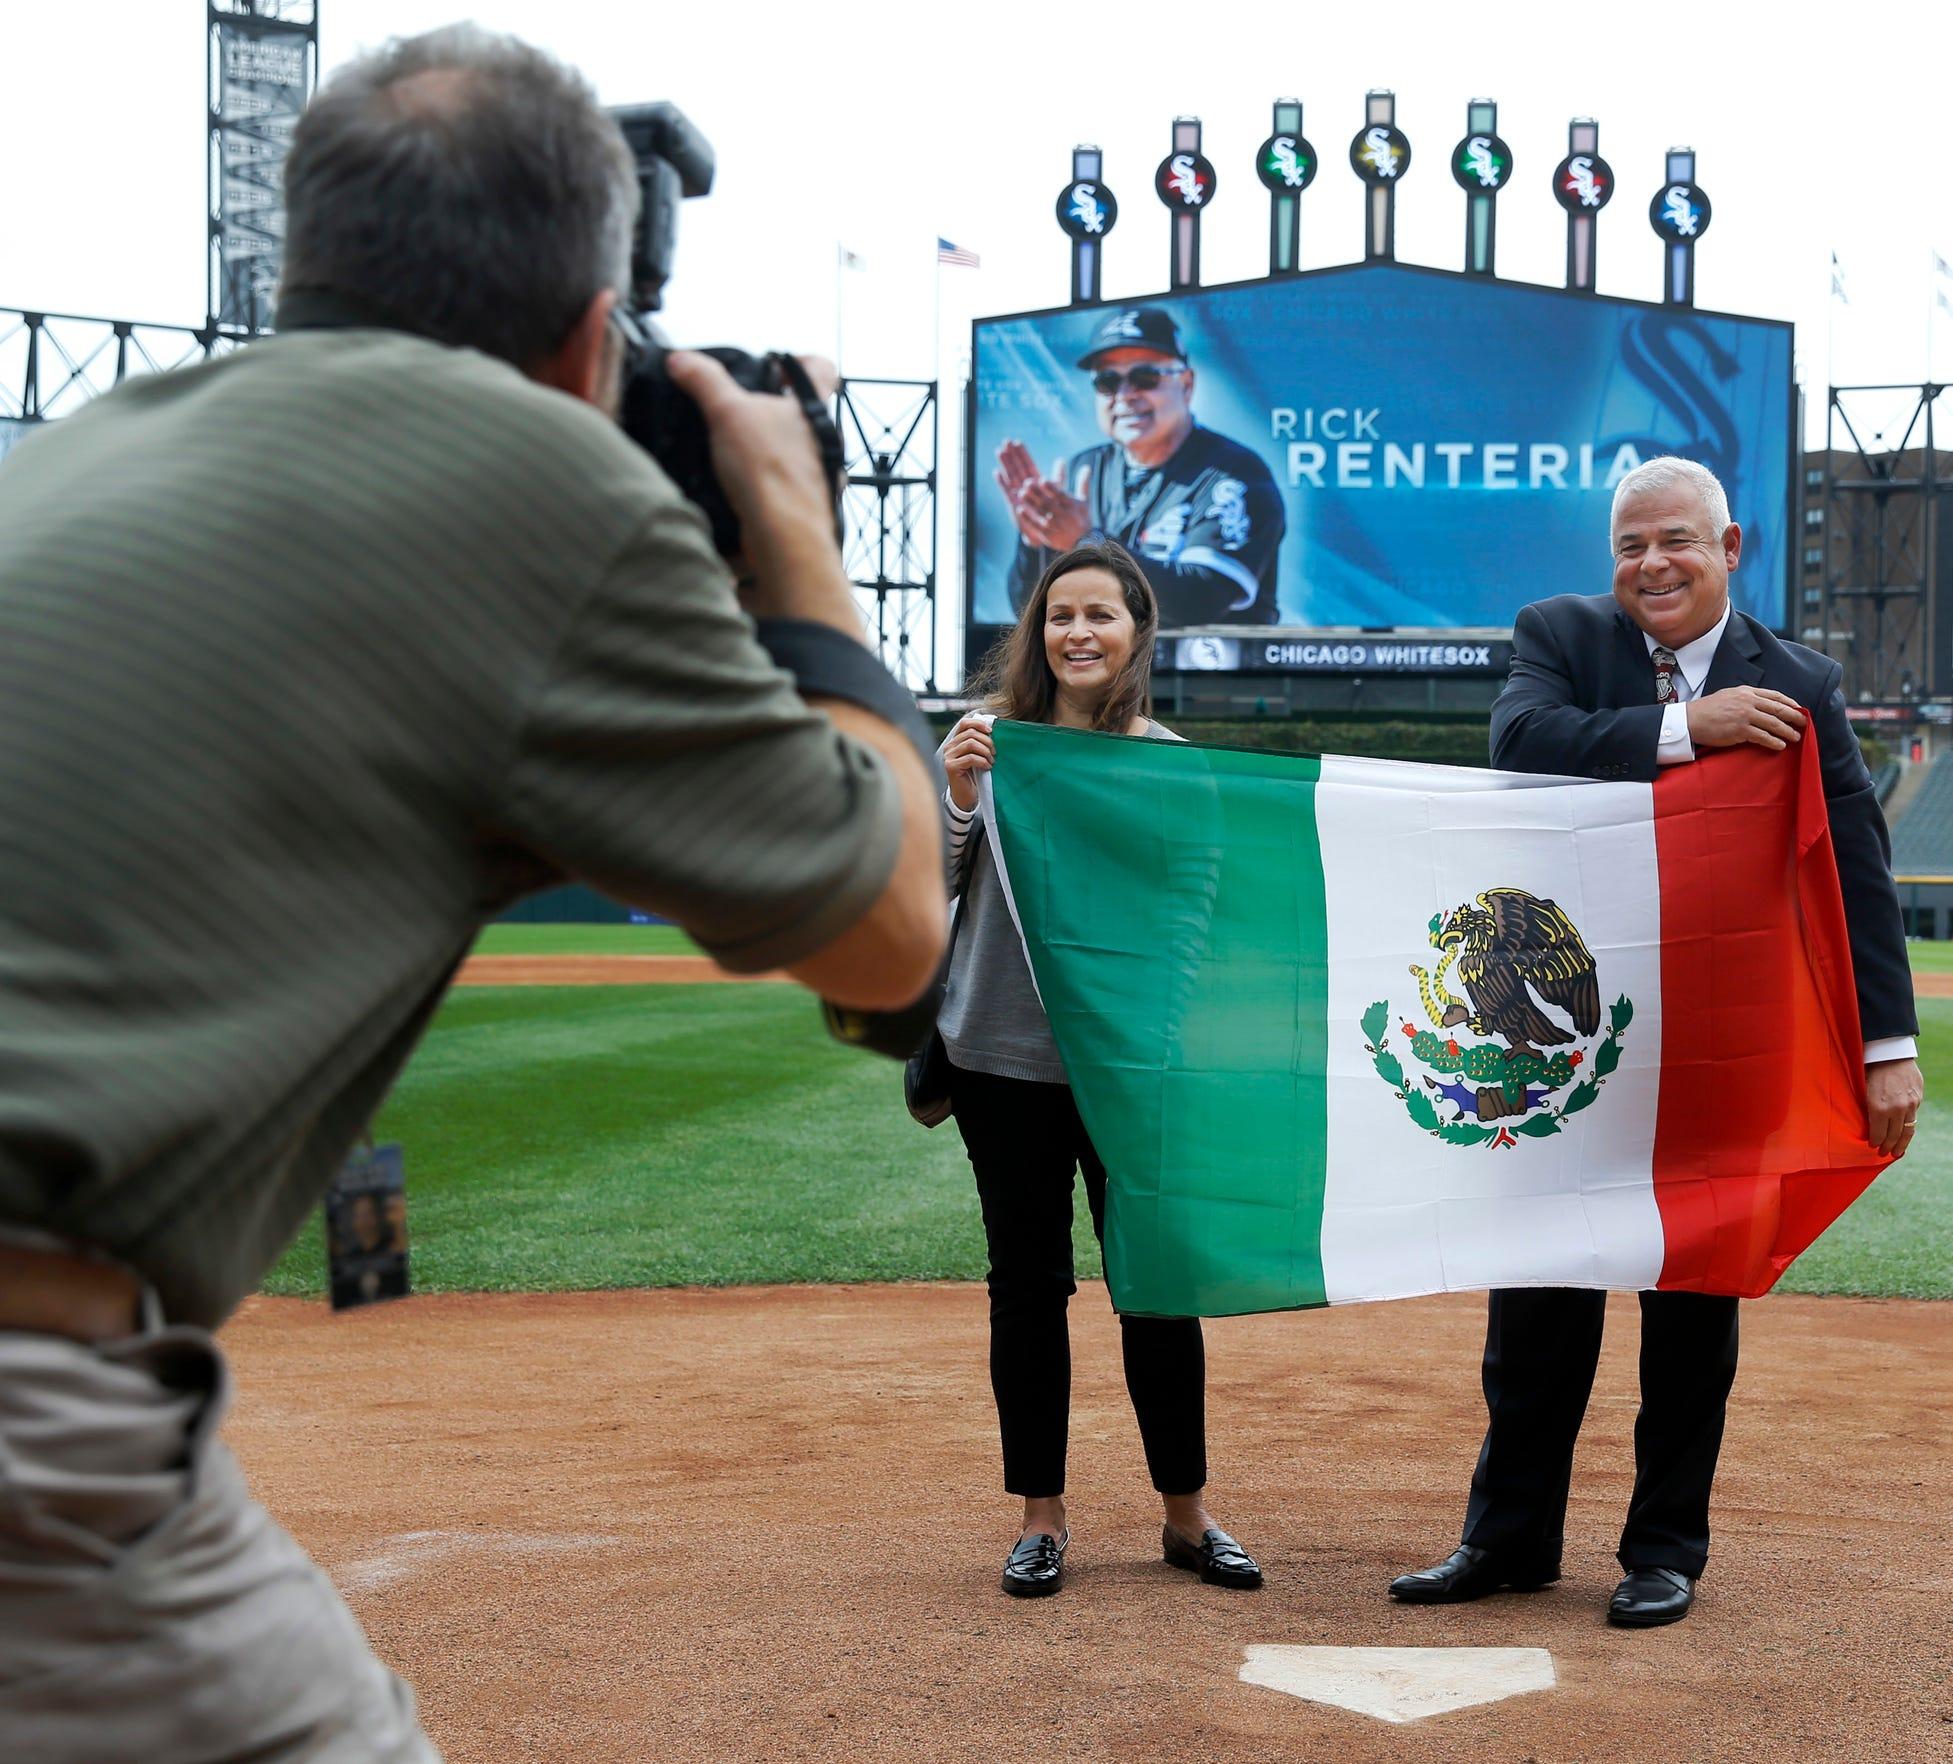 Rick Rentería, manager de los Medias Blancas de Chicago posa con una bandera mexicana, haciéndole honor a sus raíces.